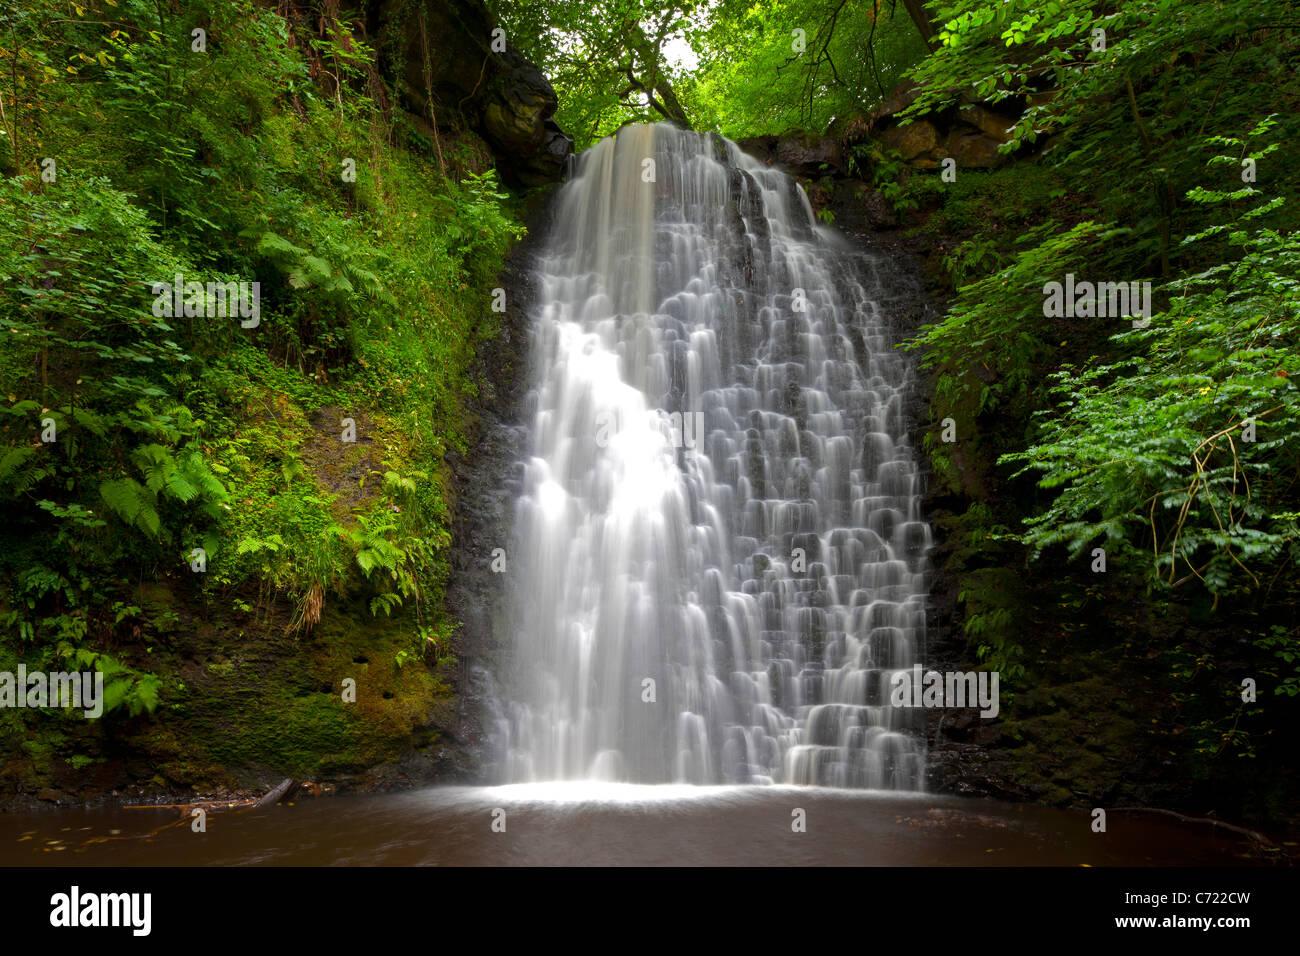 Fallende Foss Wasserfall in der Nähe von Whitby, North Yorkshire Stockbild